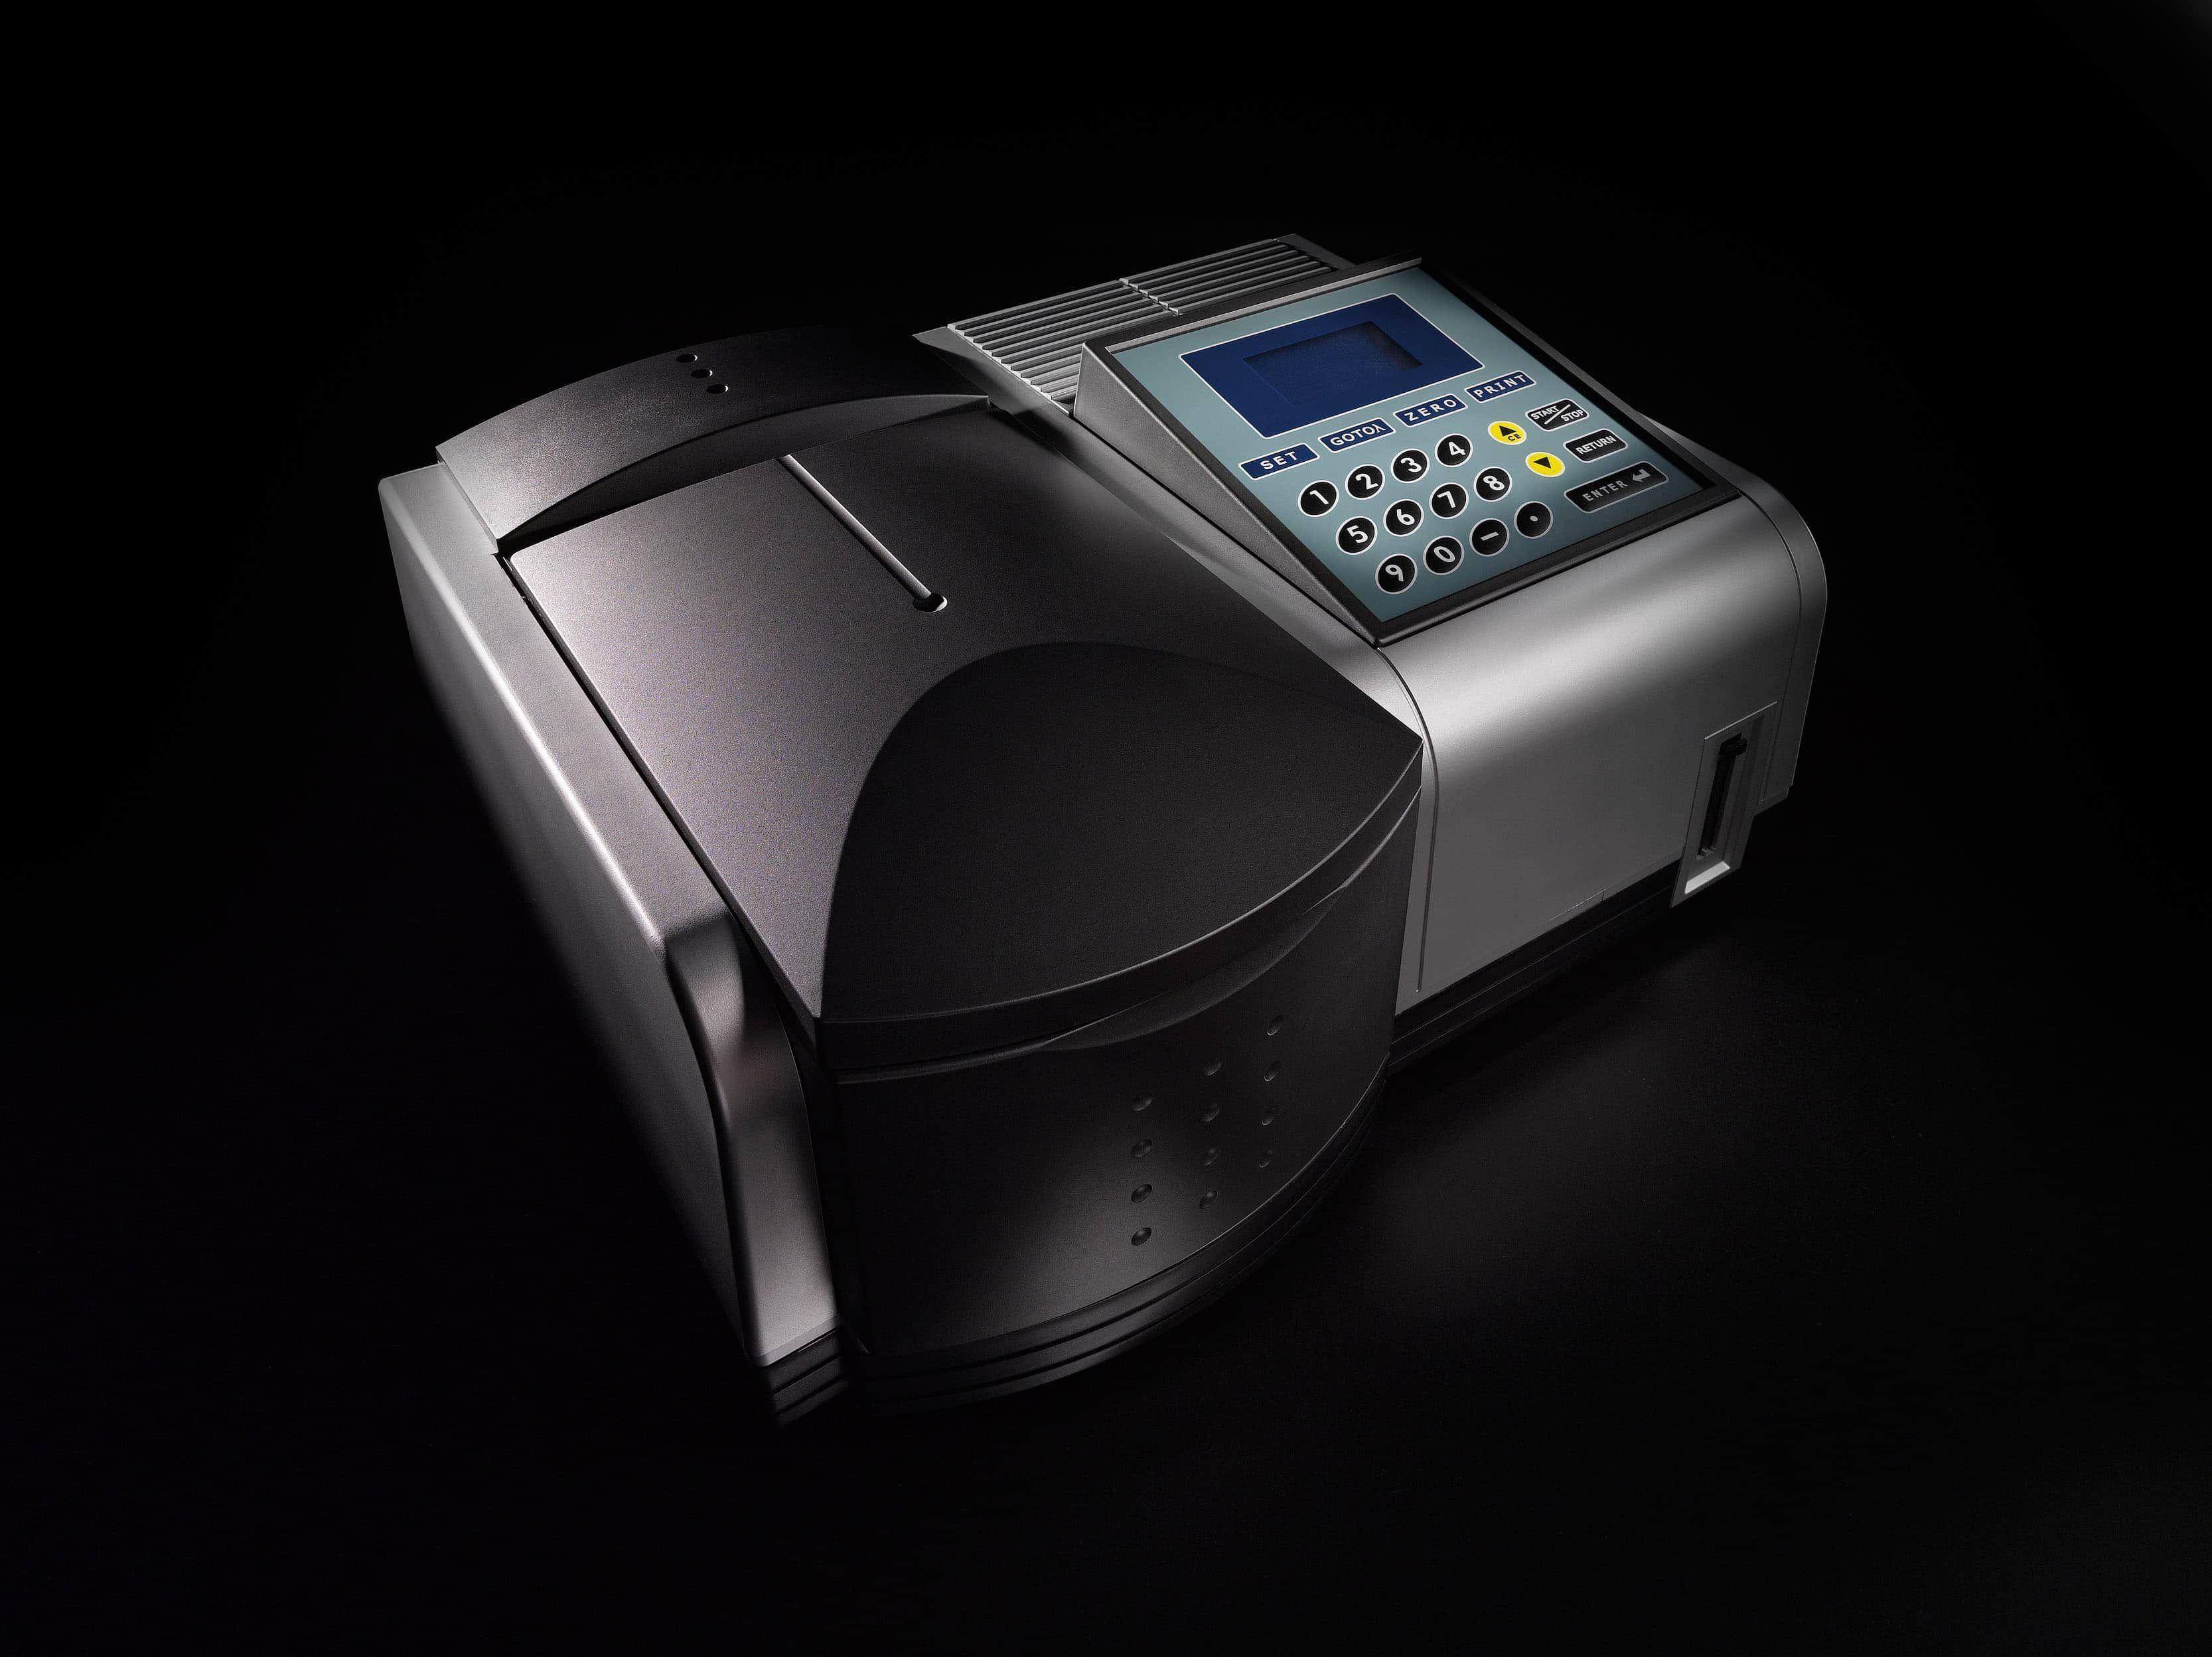 Brand New PERSEE T6U UV-Vis Spectrometer